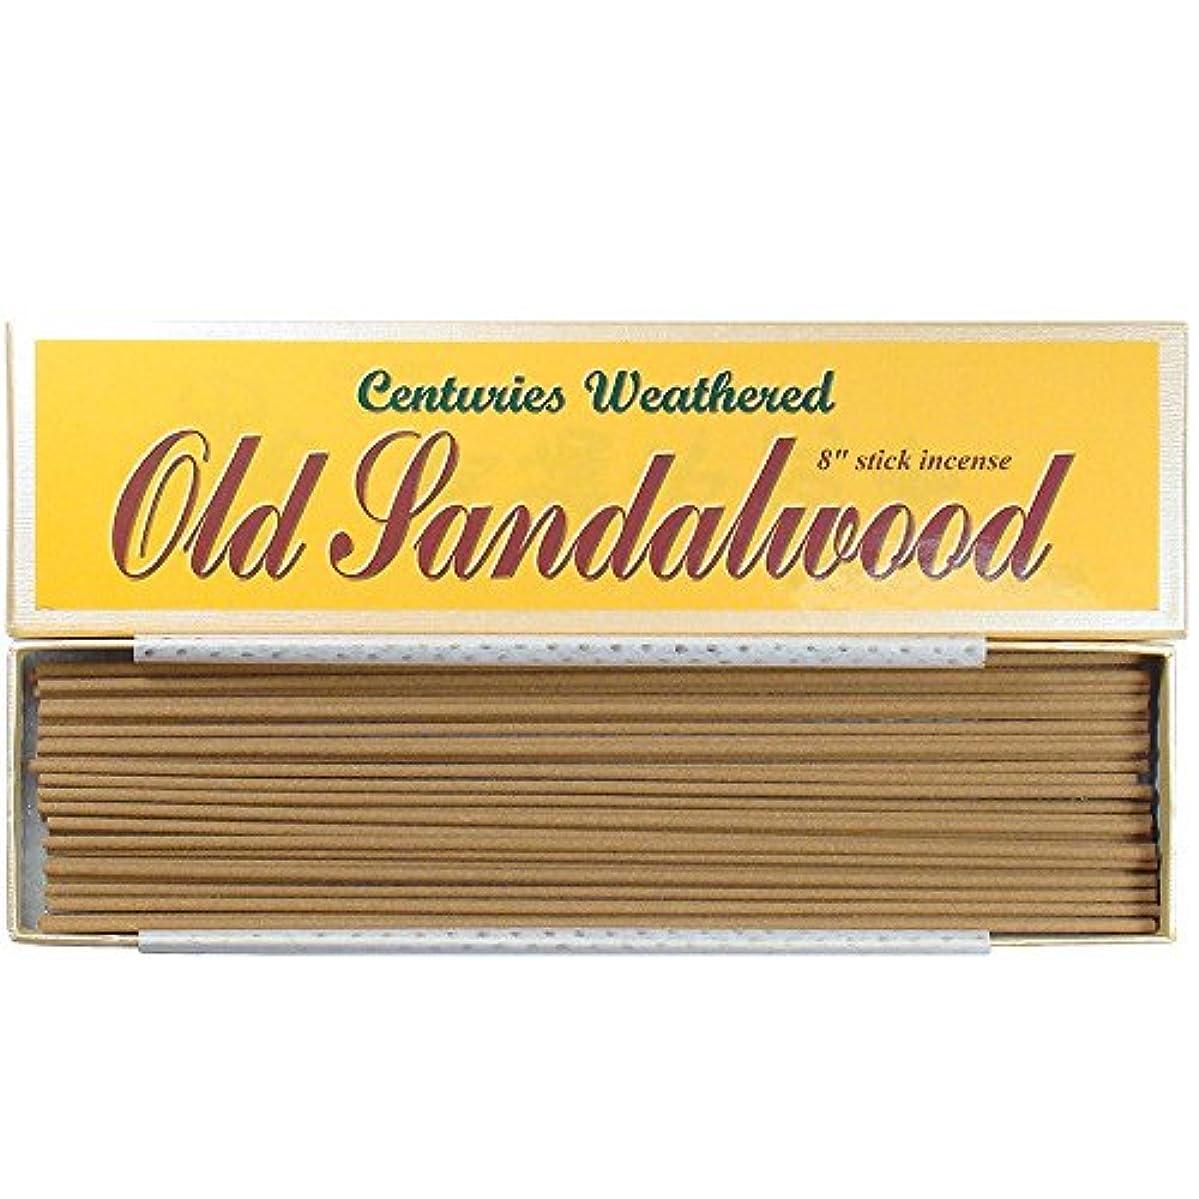 測定センチメートル正当化する風化何世紀もIndian古いサンダルウッド – 8